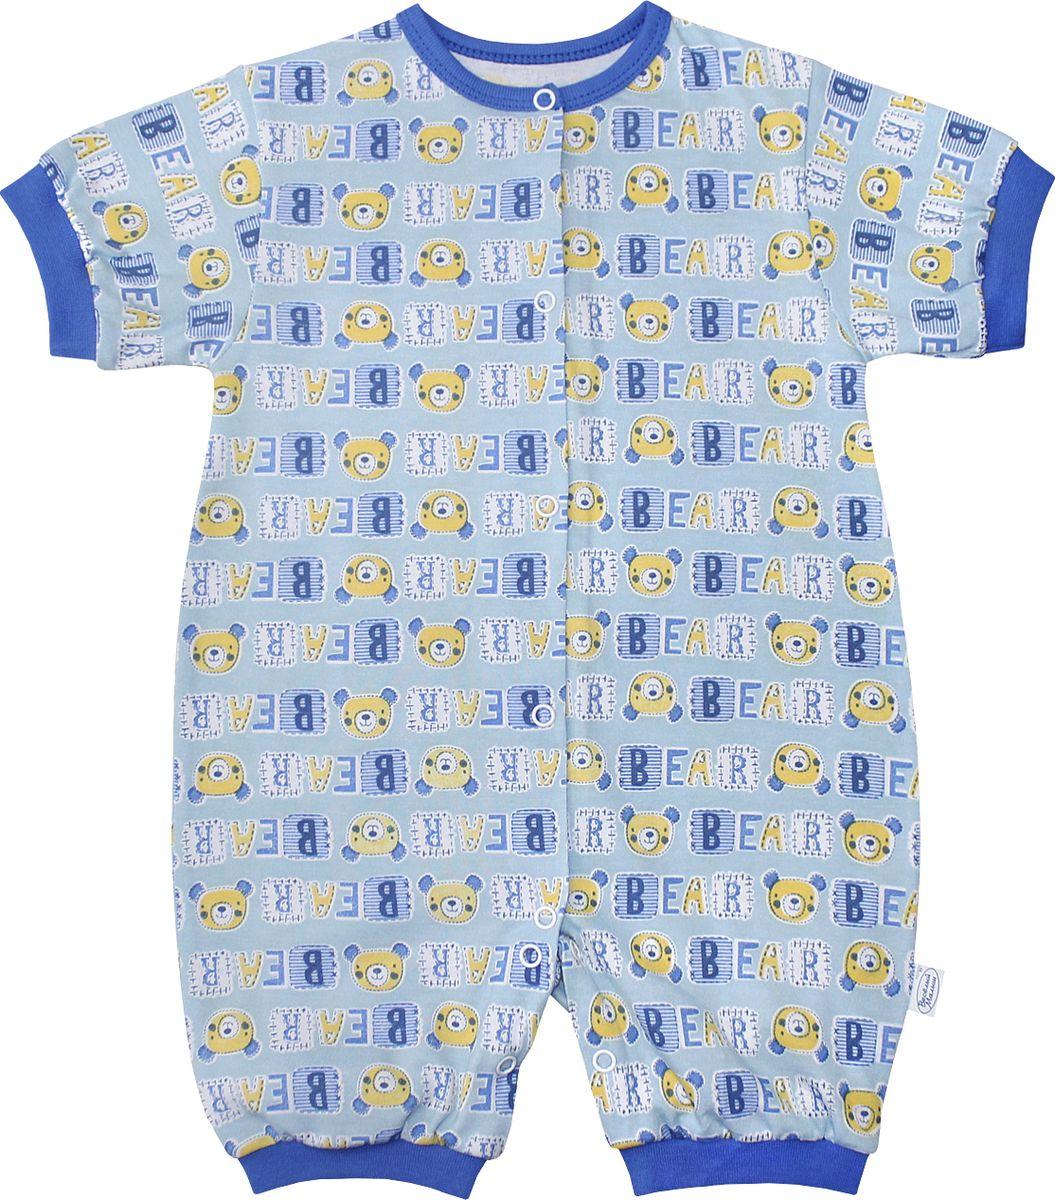 Песочник для мальчика Веселый малыш One, цвет: голубой. 52172/one-C (1)_медведь. Размер 6852172_медведьМягкий песочник Веселый малыш One послужит идеальным дополнением к гардеробу ребенка, обеспечивая ему наибольший комфорт. Песочник, оформленный забавным принтом, застегивается на кнопки по всей длине, что значительно облегчает переодевание ребенка. Манжеты рукавов и штанин дополнены мягкой трикотажной резинкой, воротник - эластичной бейкой. Изделие изготовлено из кулирки, благодаря чему оно необычайно мягкое и легкое, не раздражает нежную кожу ребенка и хорошо вентилируется, а эластичные швы приятны телу младенца и не препятствуют его движениям.